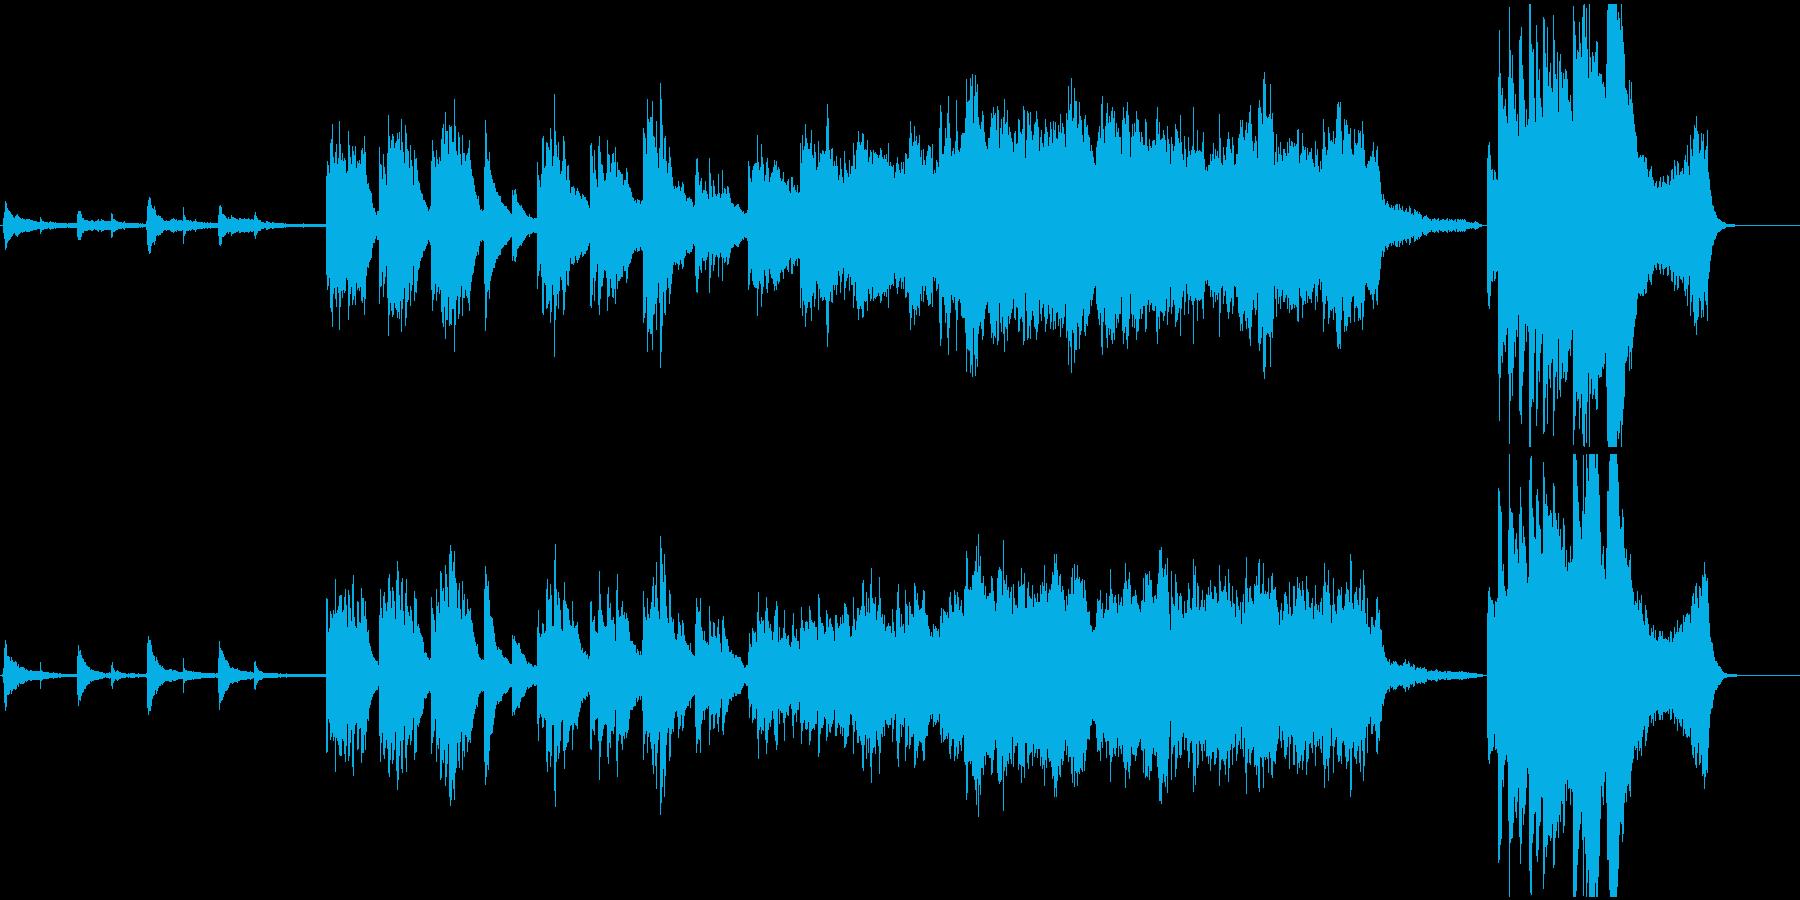 ピアノと弦のあたたかく感動的な音楽/CMの再生済みの波形